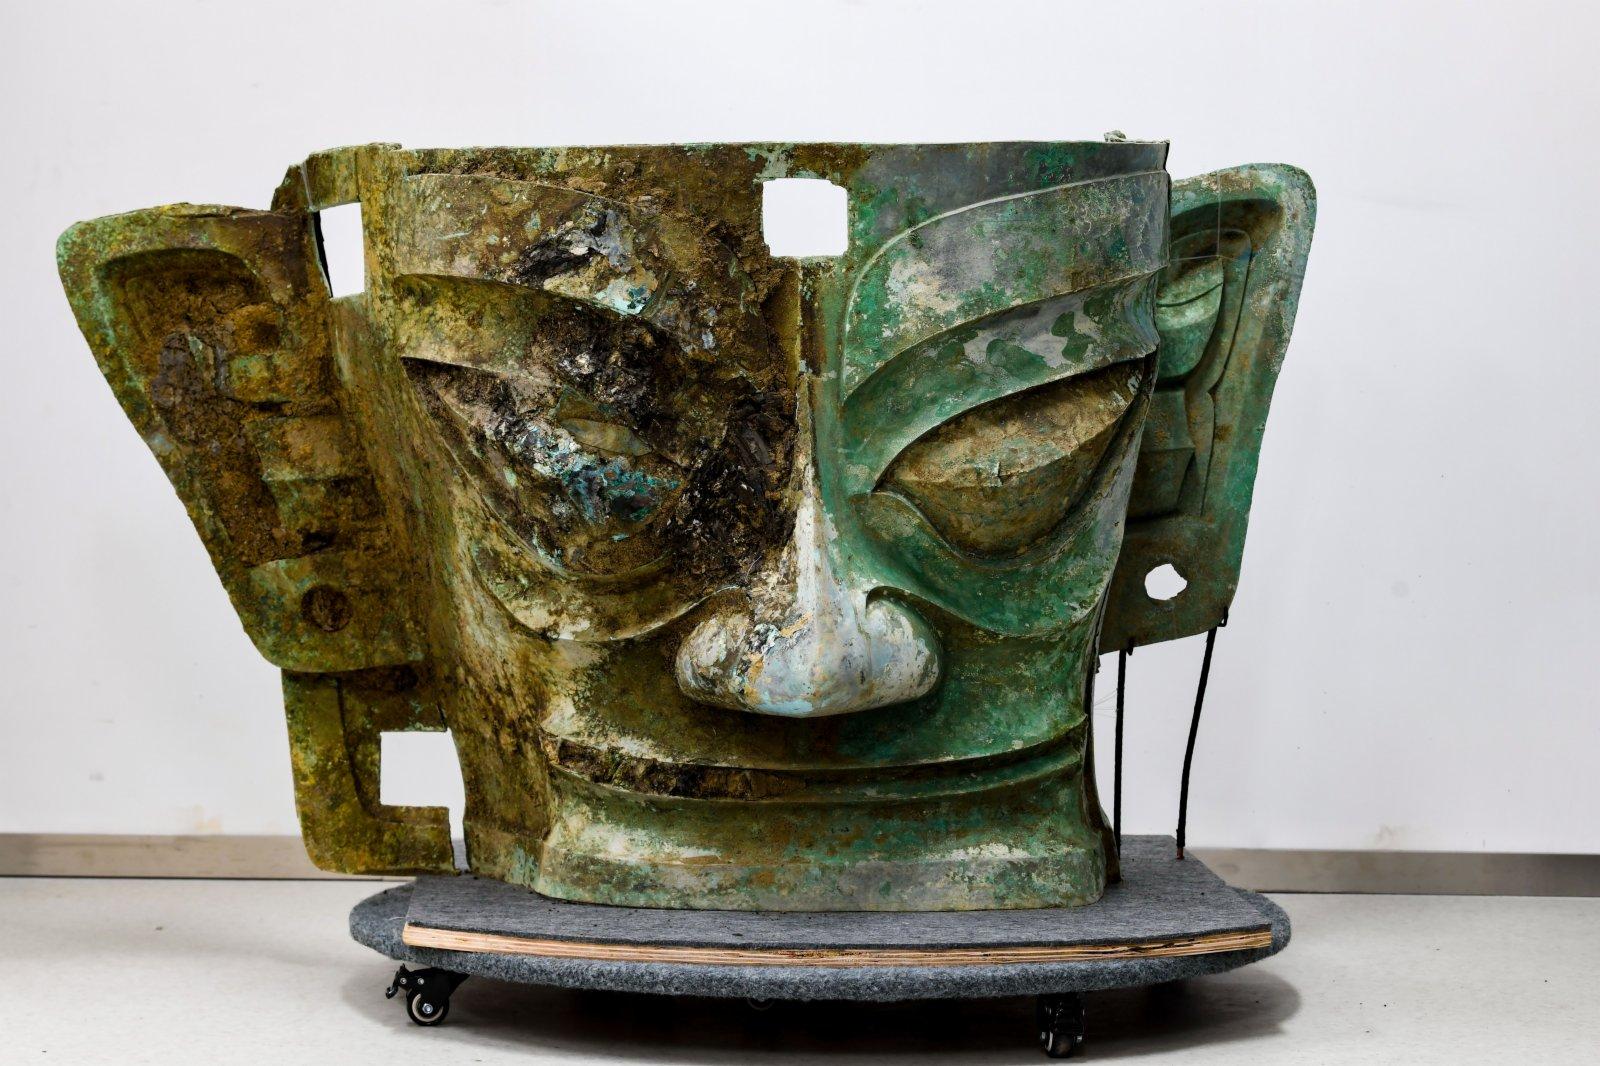 這是在四川省文物考古研究院三星堆考古研究所拍攝的三星堆遺址3號「祭祀坑」出土的青銅面具(9月3日攝)。